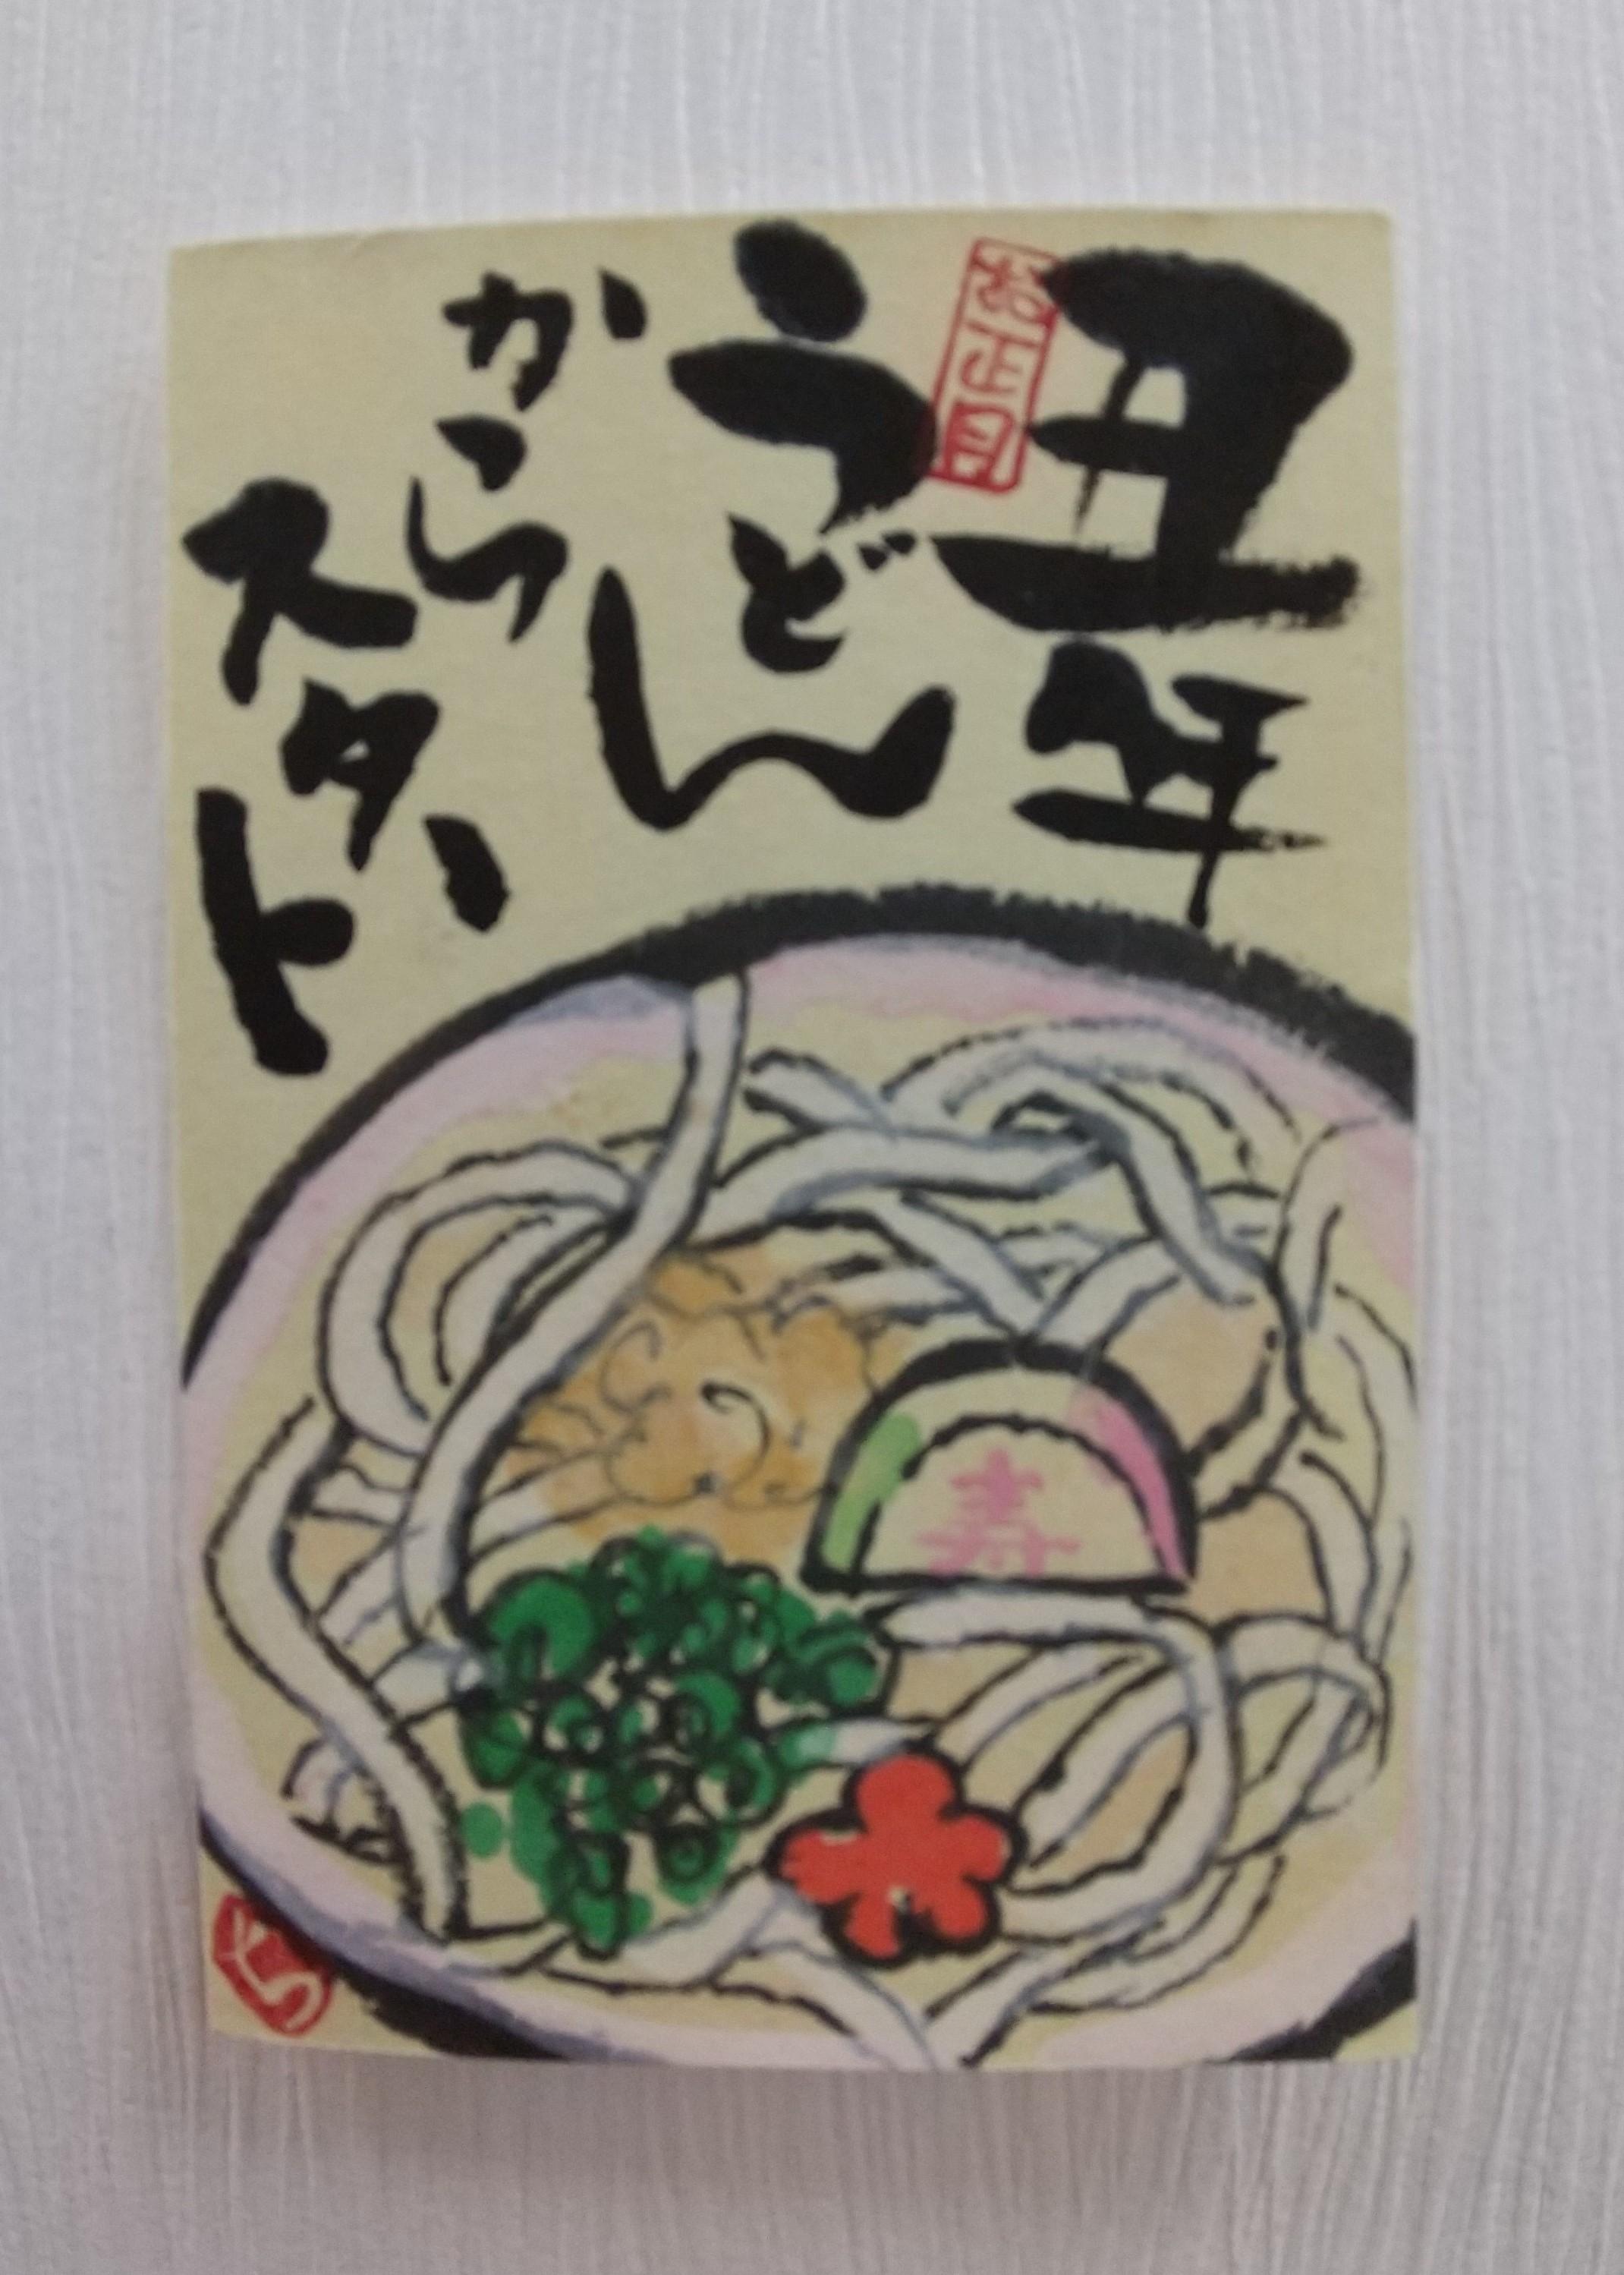 【三木校】体験:絵手紙・2DAY体験 21/01/18~21/02/01